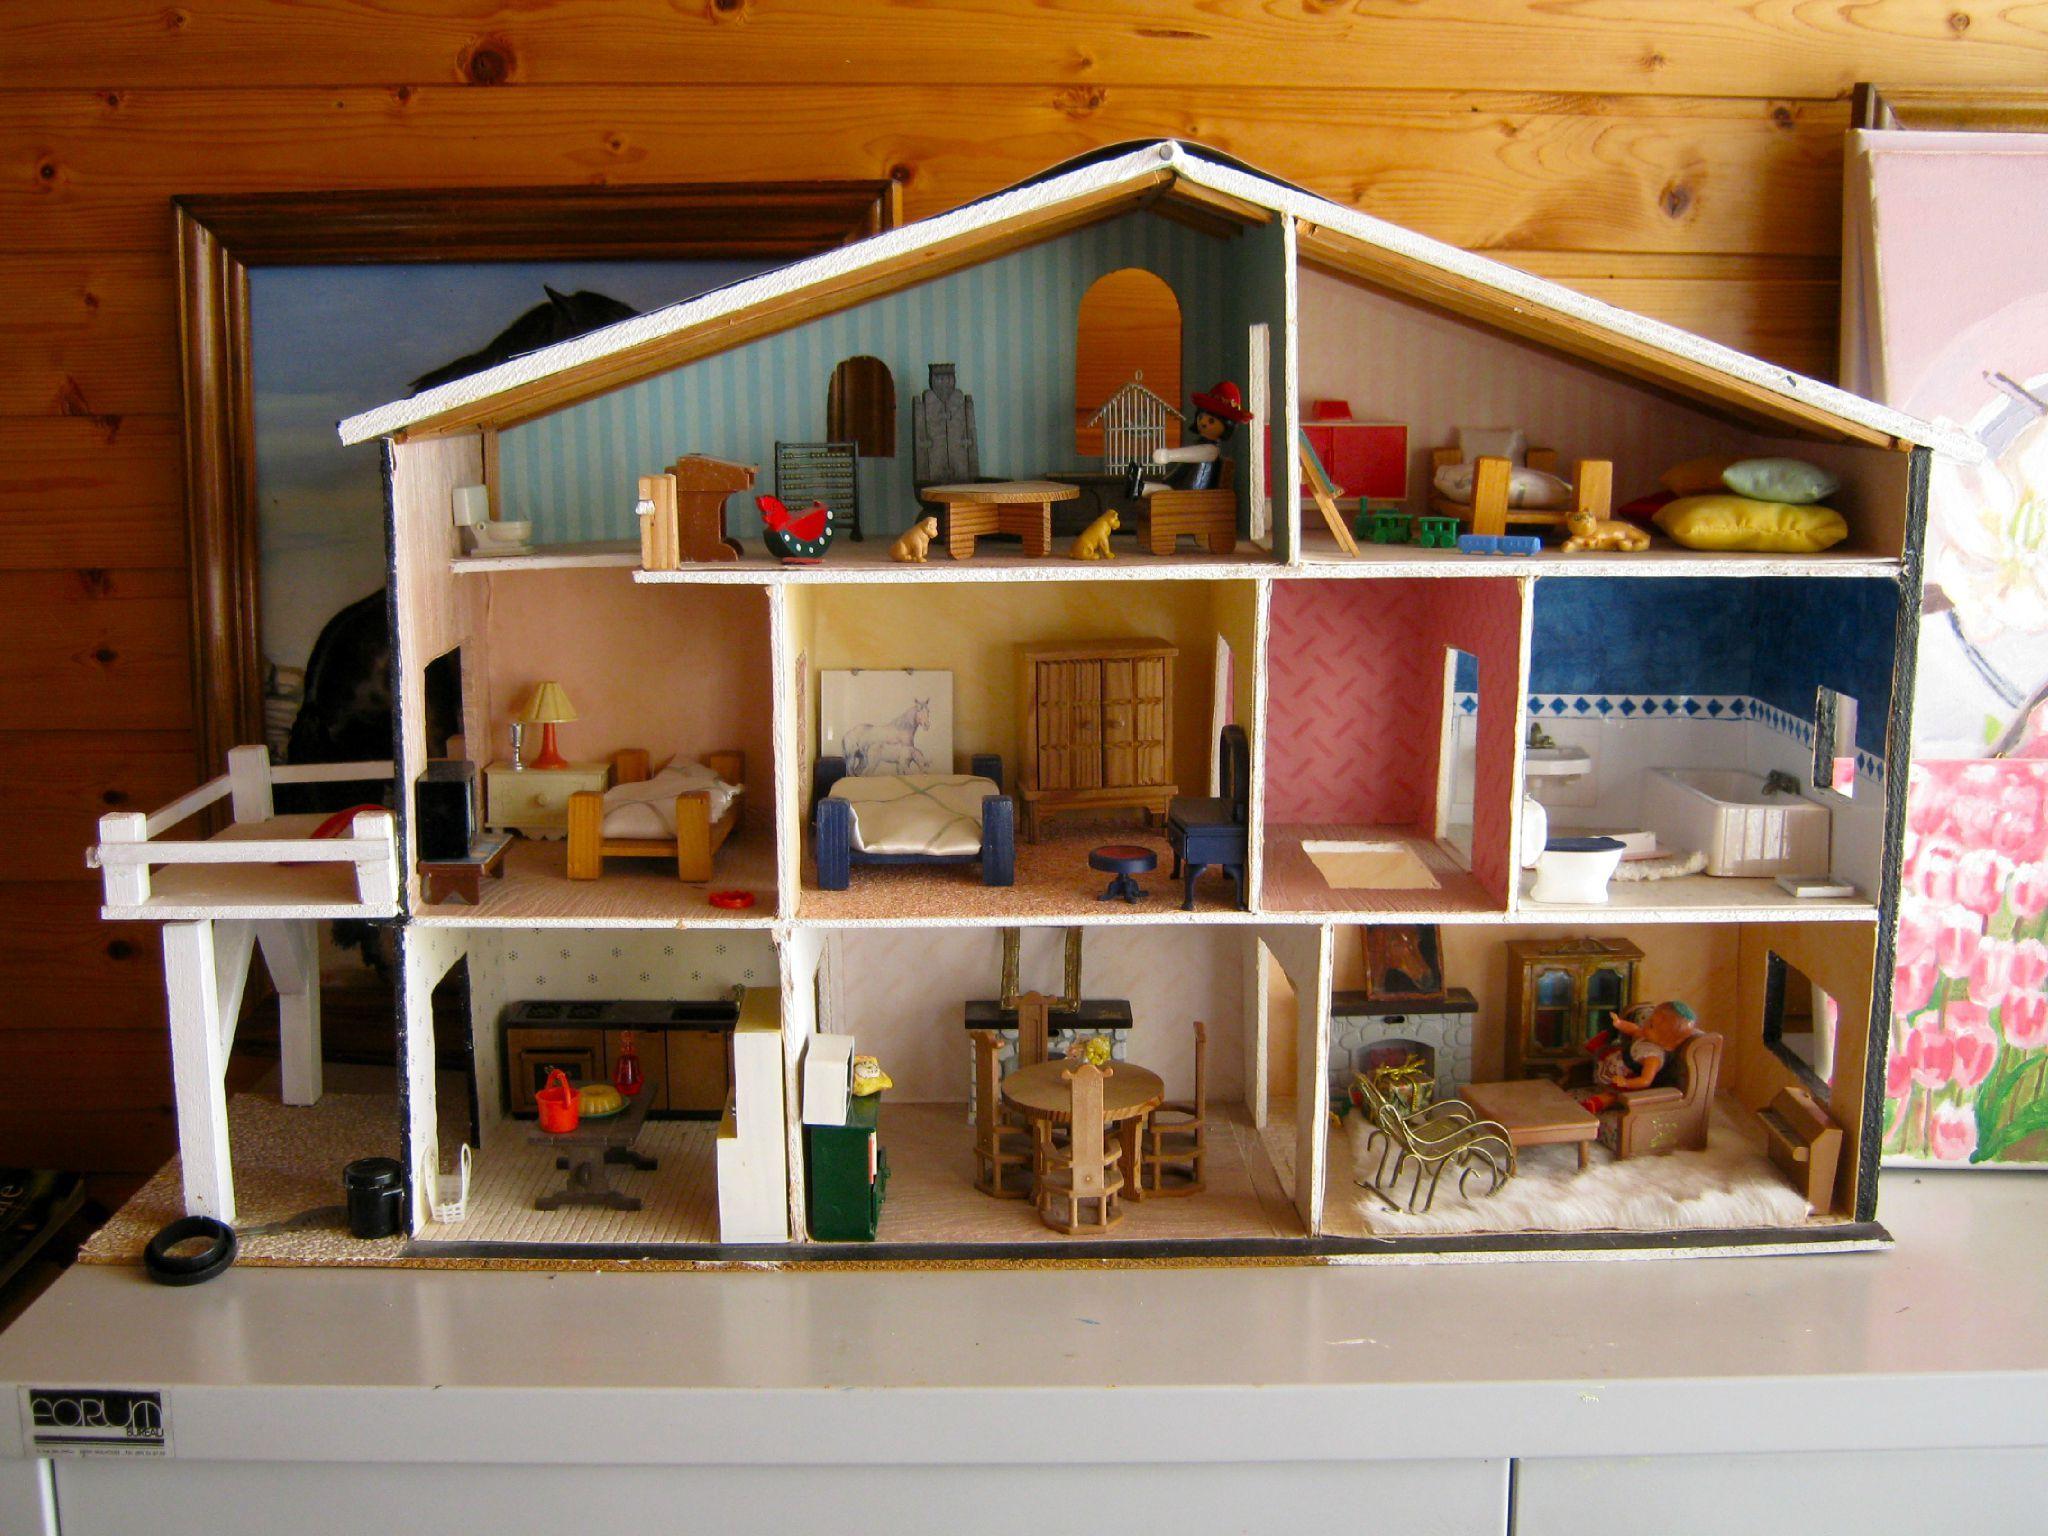 les murs de la salle de bain maison de poup e playmobil et autre bricolages diy pinterest. Black Bedroom Furniture Sets. Home Design Ideas